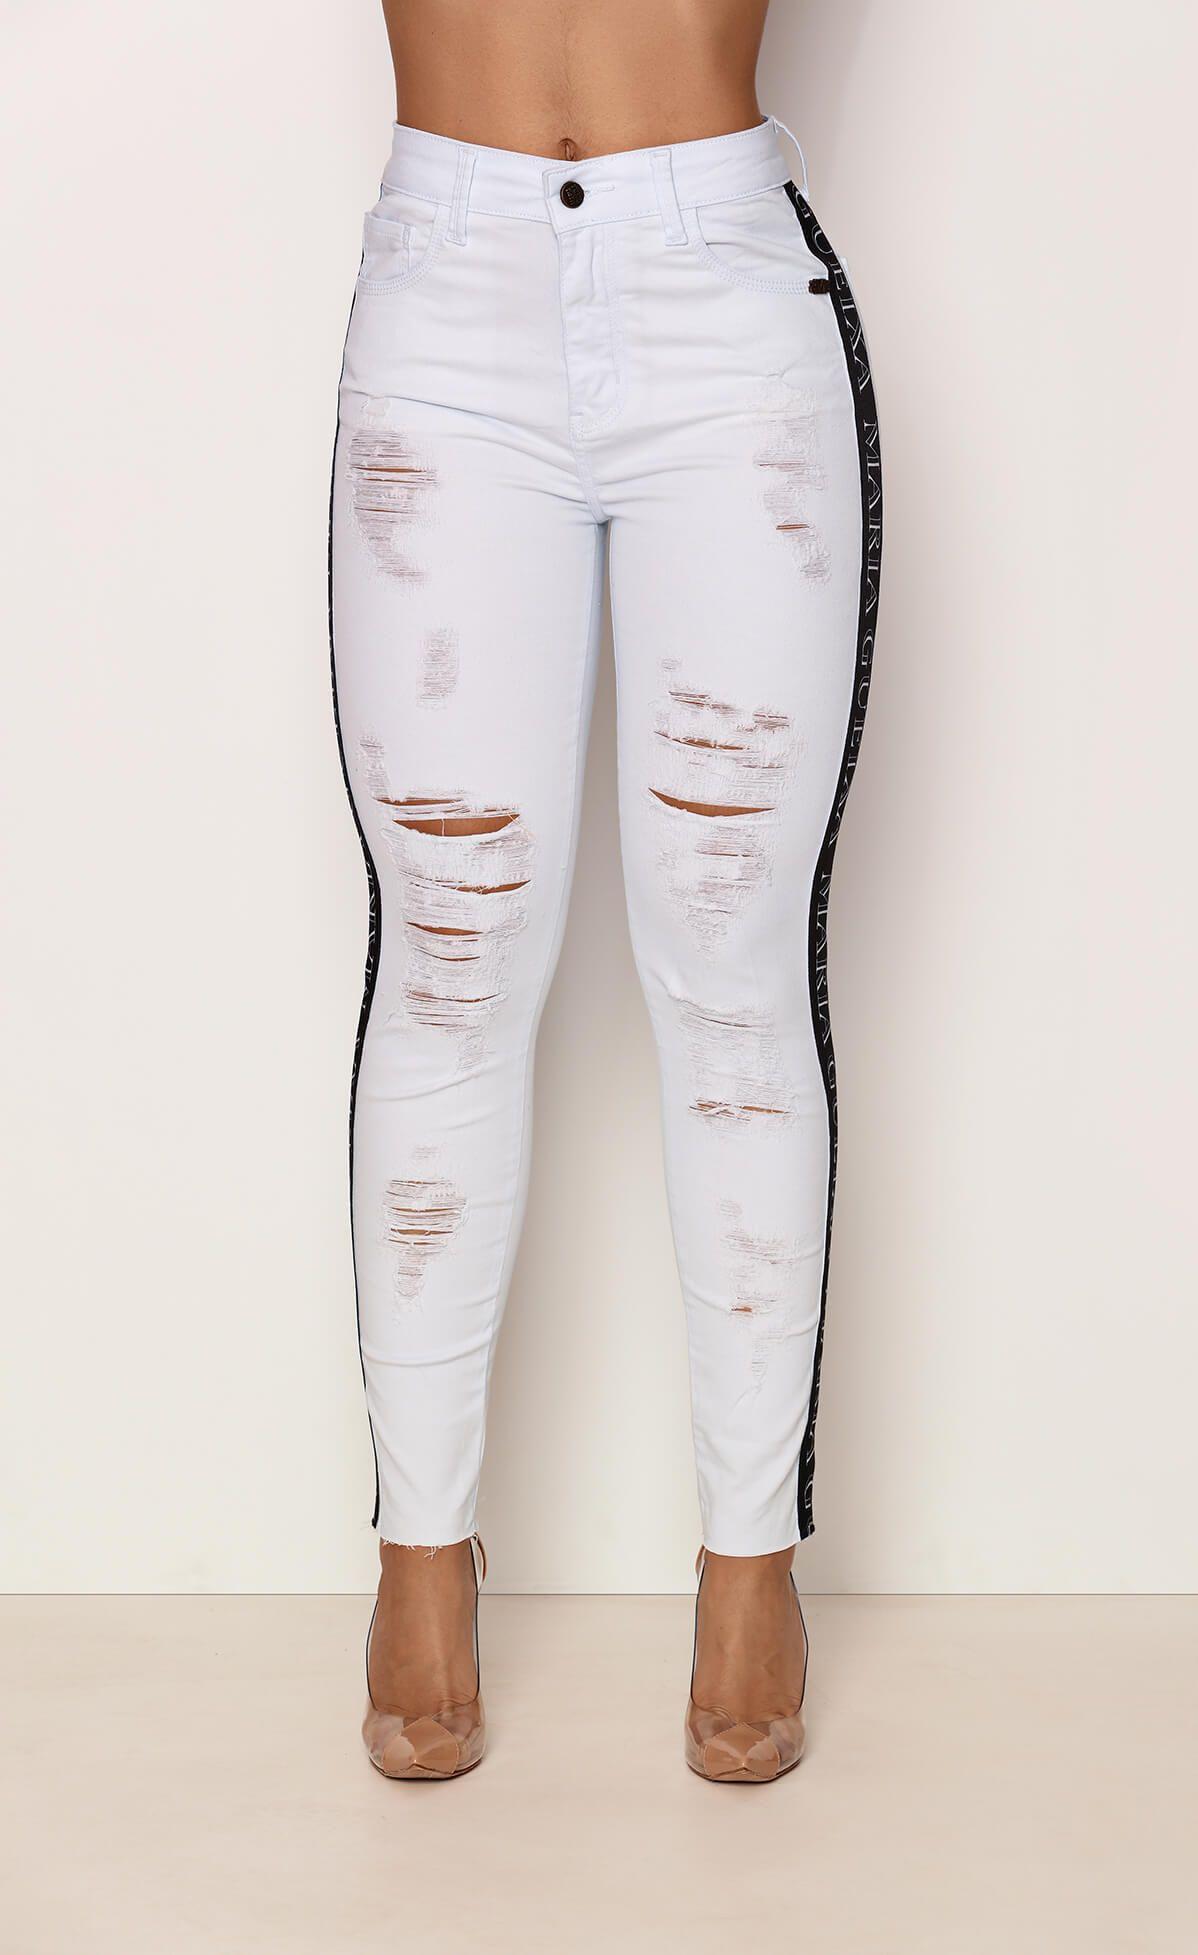 Calça Jeans Destroyed White Faixa Maria Gueixa Jeans White